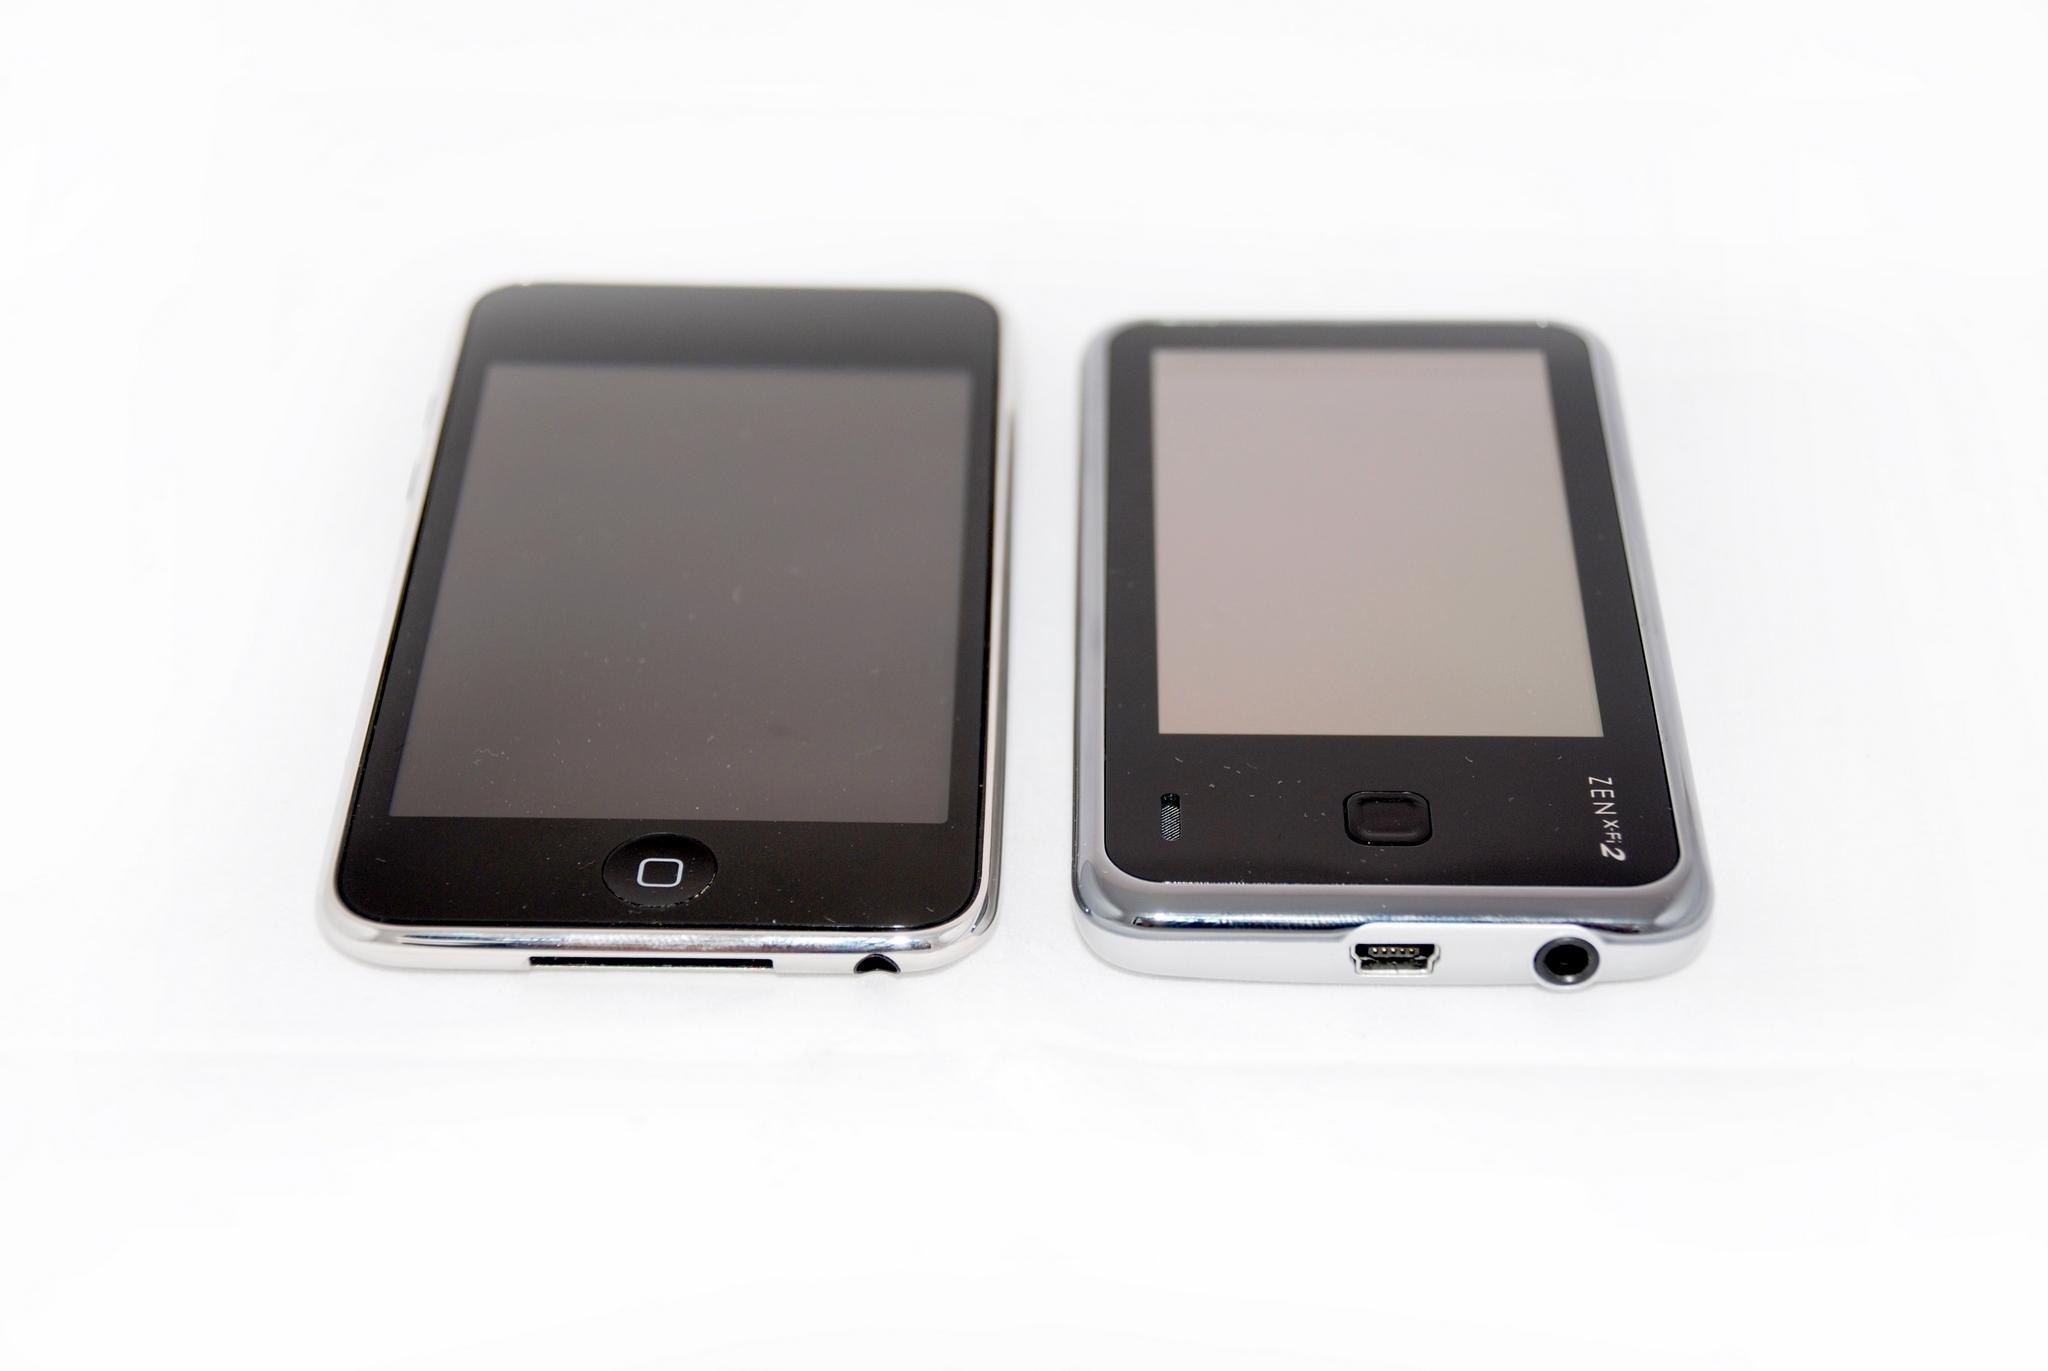 Ipod Touch sammen med Creative Zen X-fi 2.